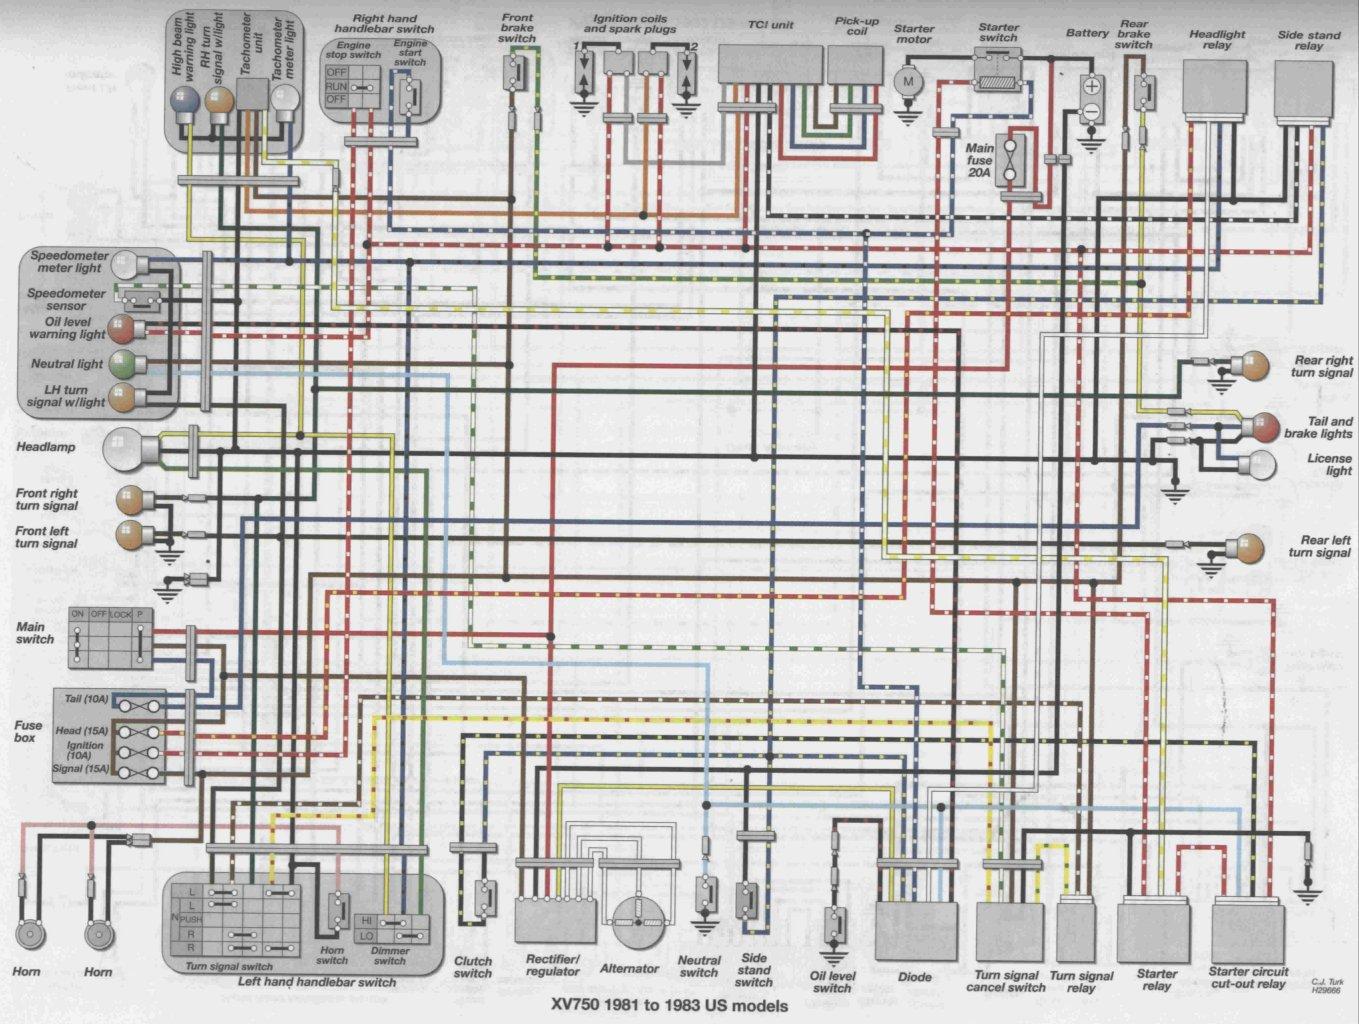 1982 yamaha virago 750 wiring diagram 1982 image virago wiring diagram virago auto wiring diagram schematic on 1982 yamaha virago 750 wiring diagram